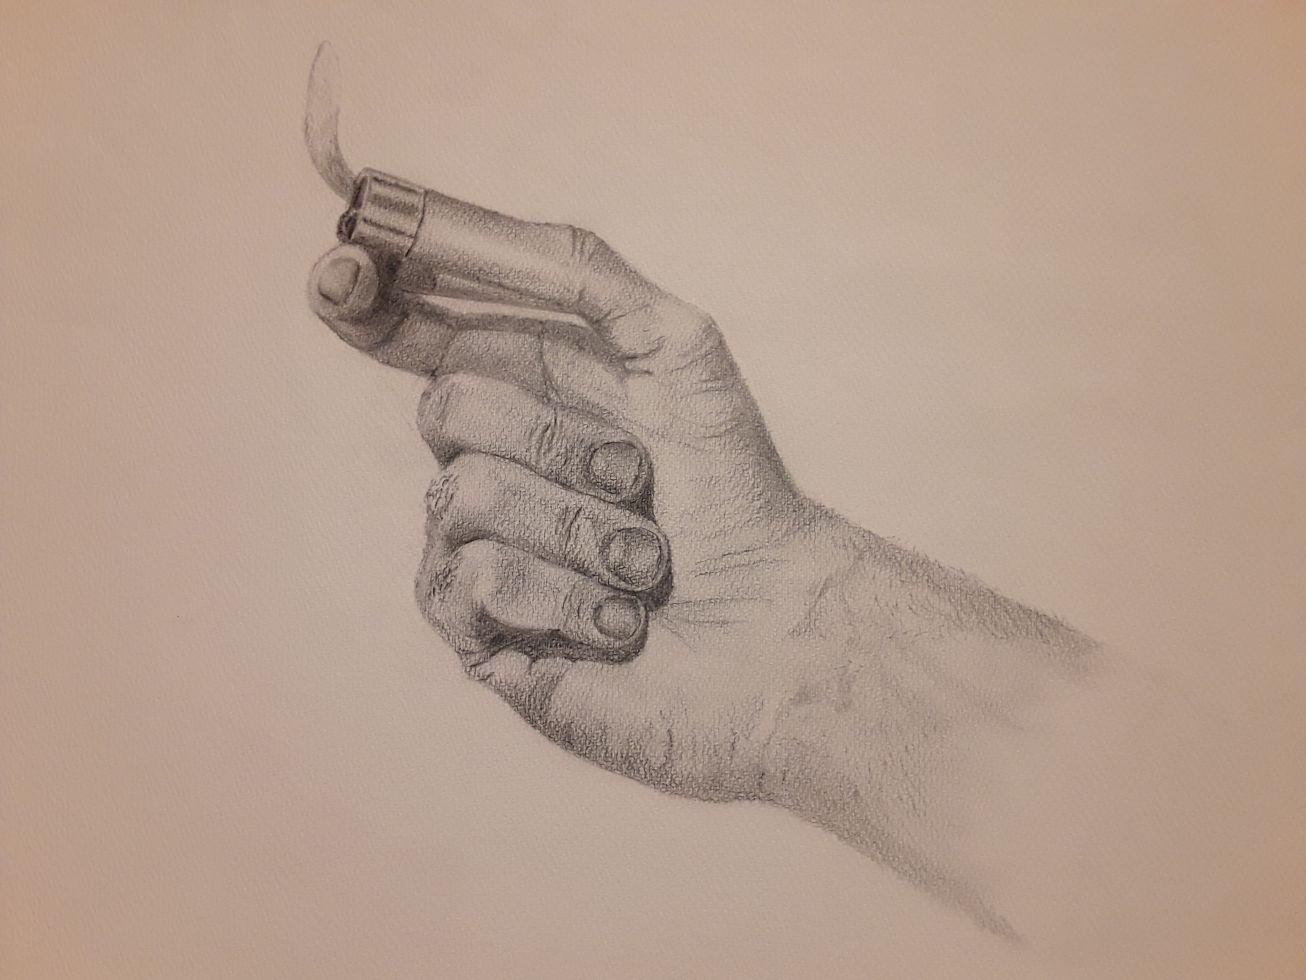 Mano de fumador